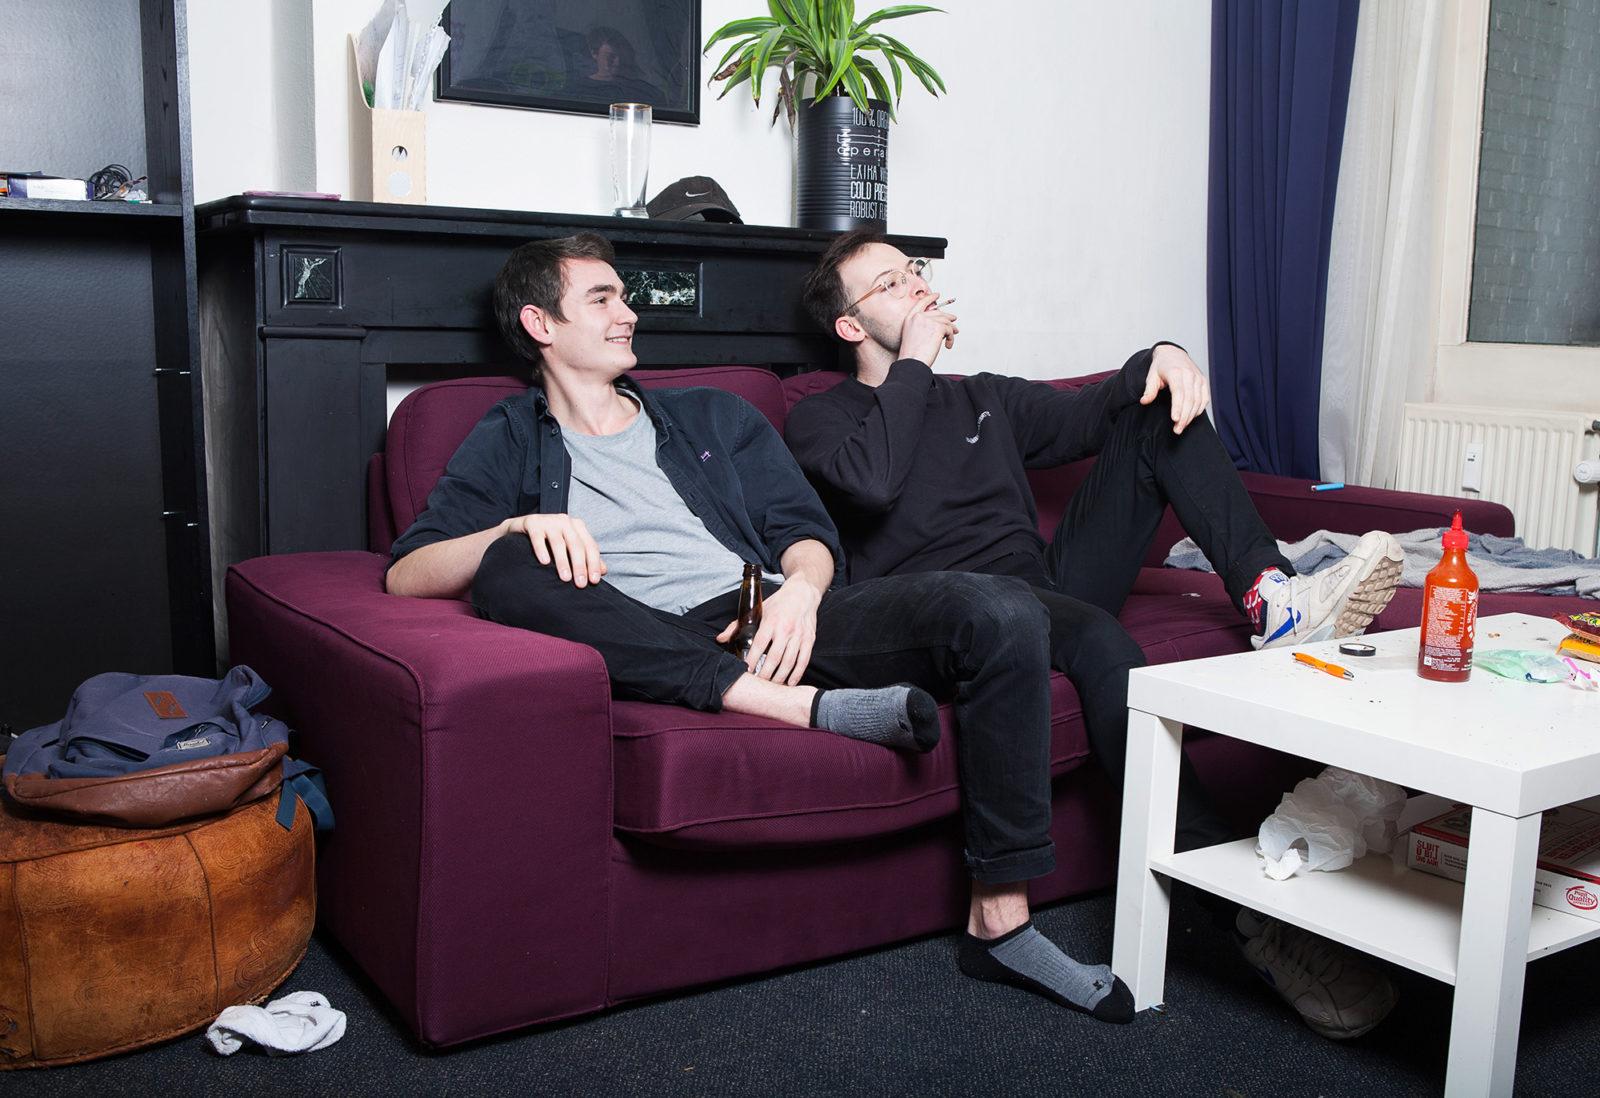 Lukas-ries-and-roommate-Geisje-van-der-Linden